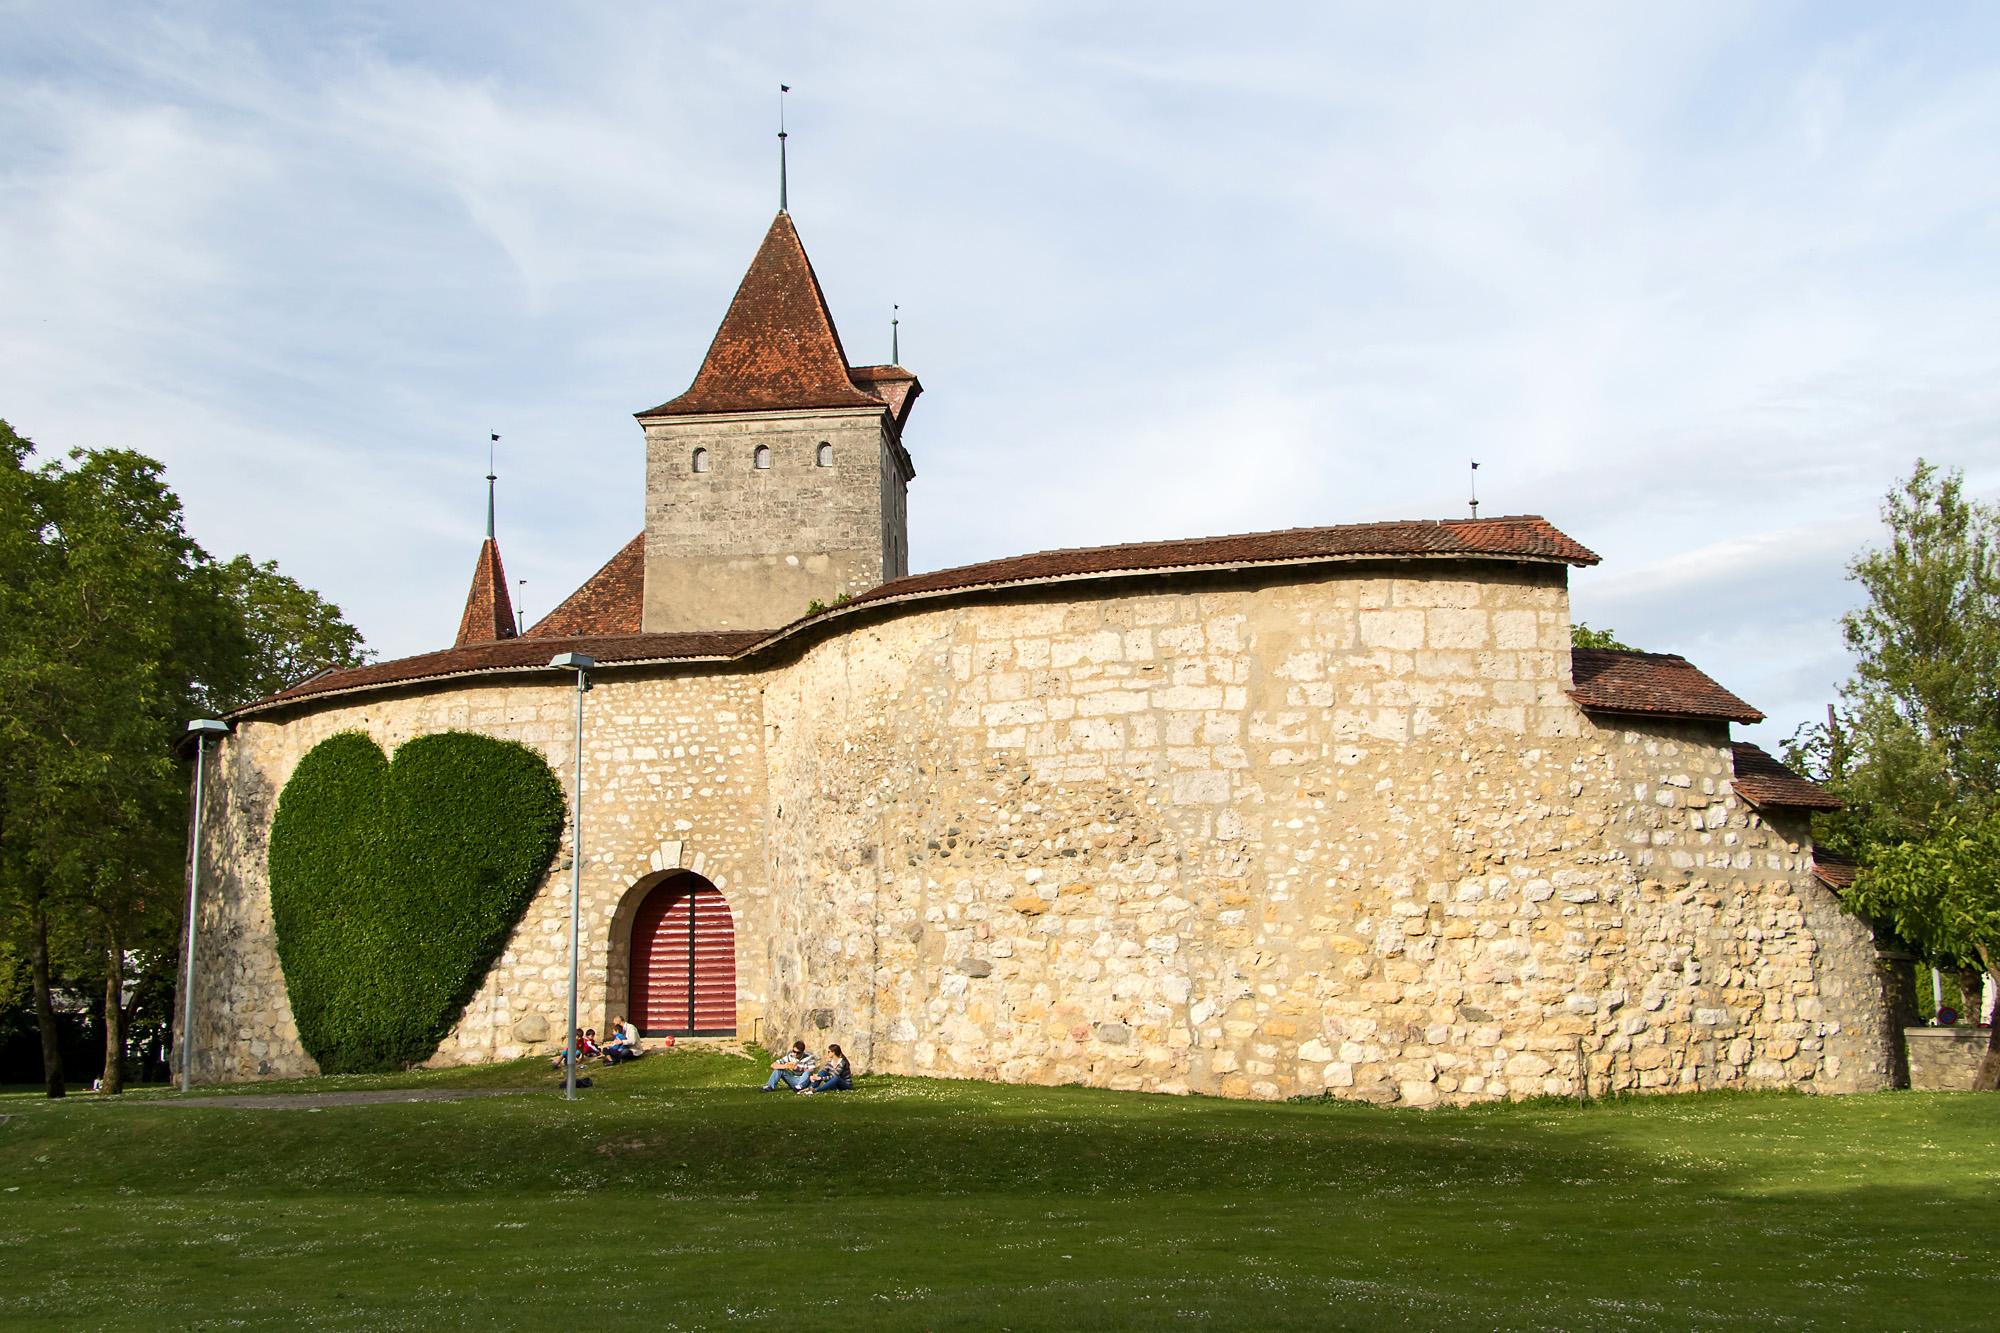 Schloss Nidau war der Sitz von 86 bernischen Landvögten in Biel; der heutige Bau geht auf die Jahre 1627-1636 zurück